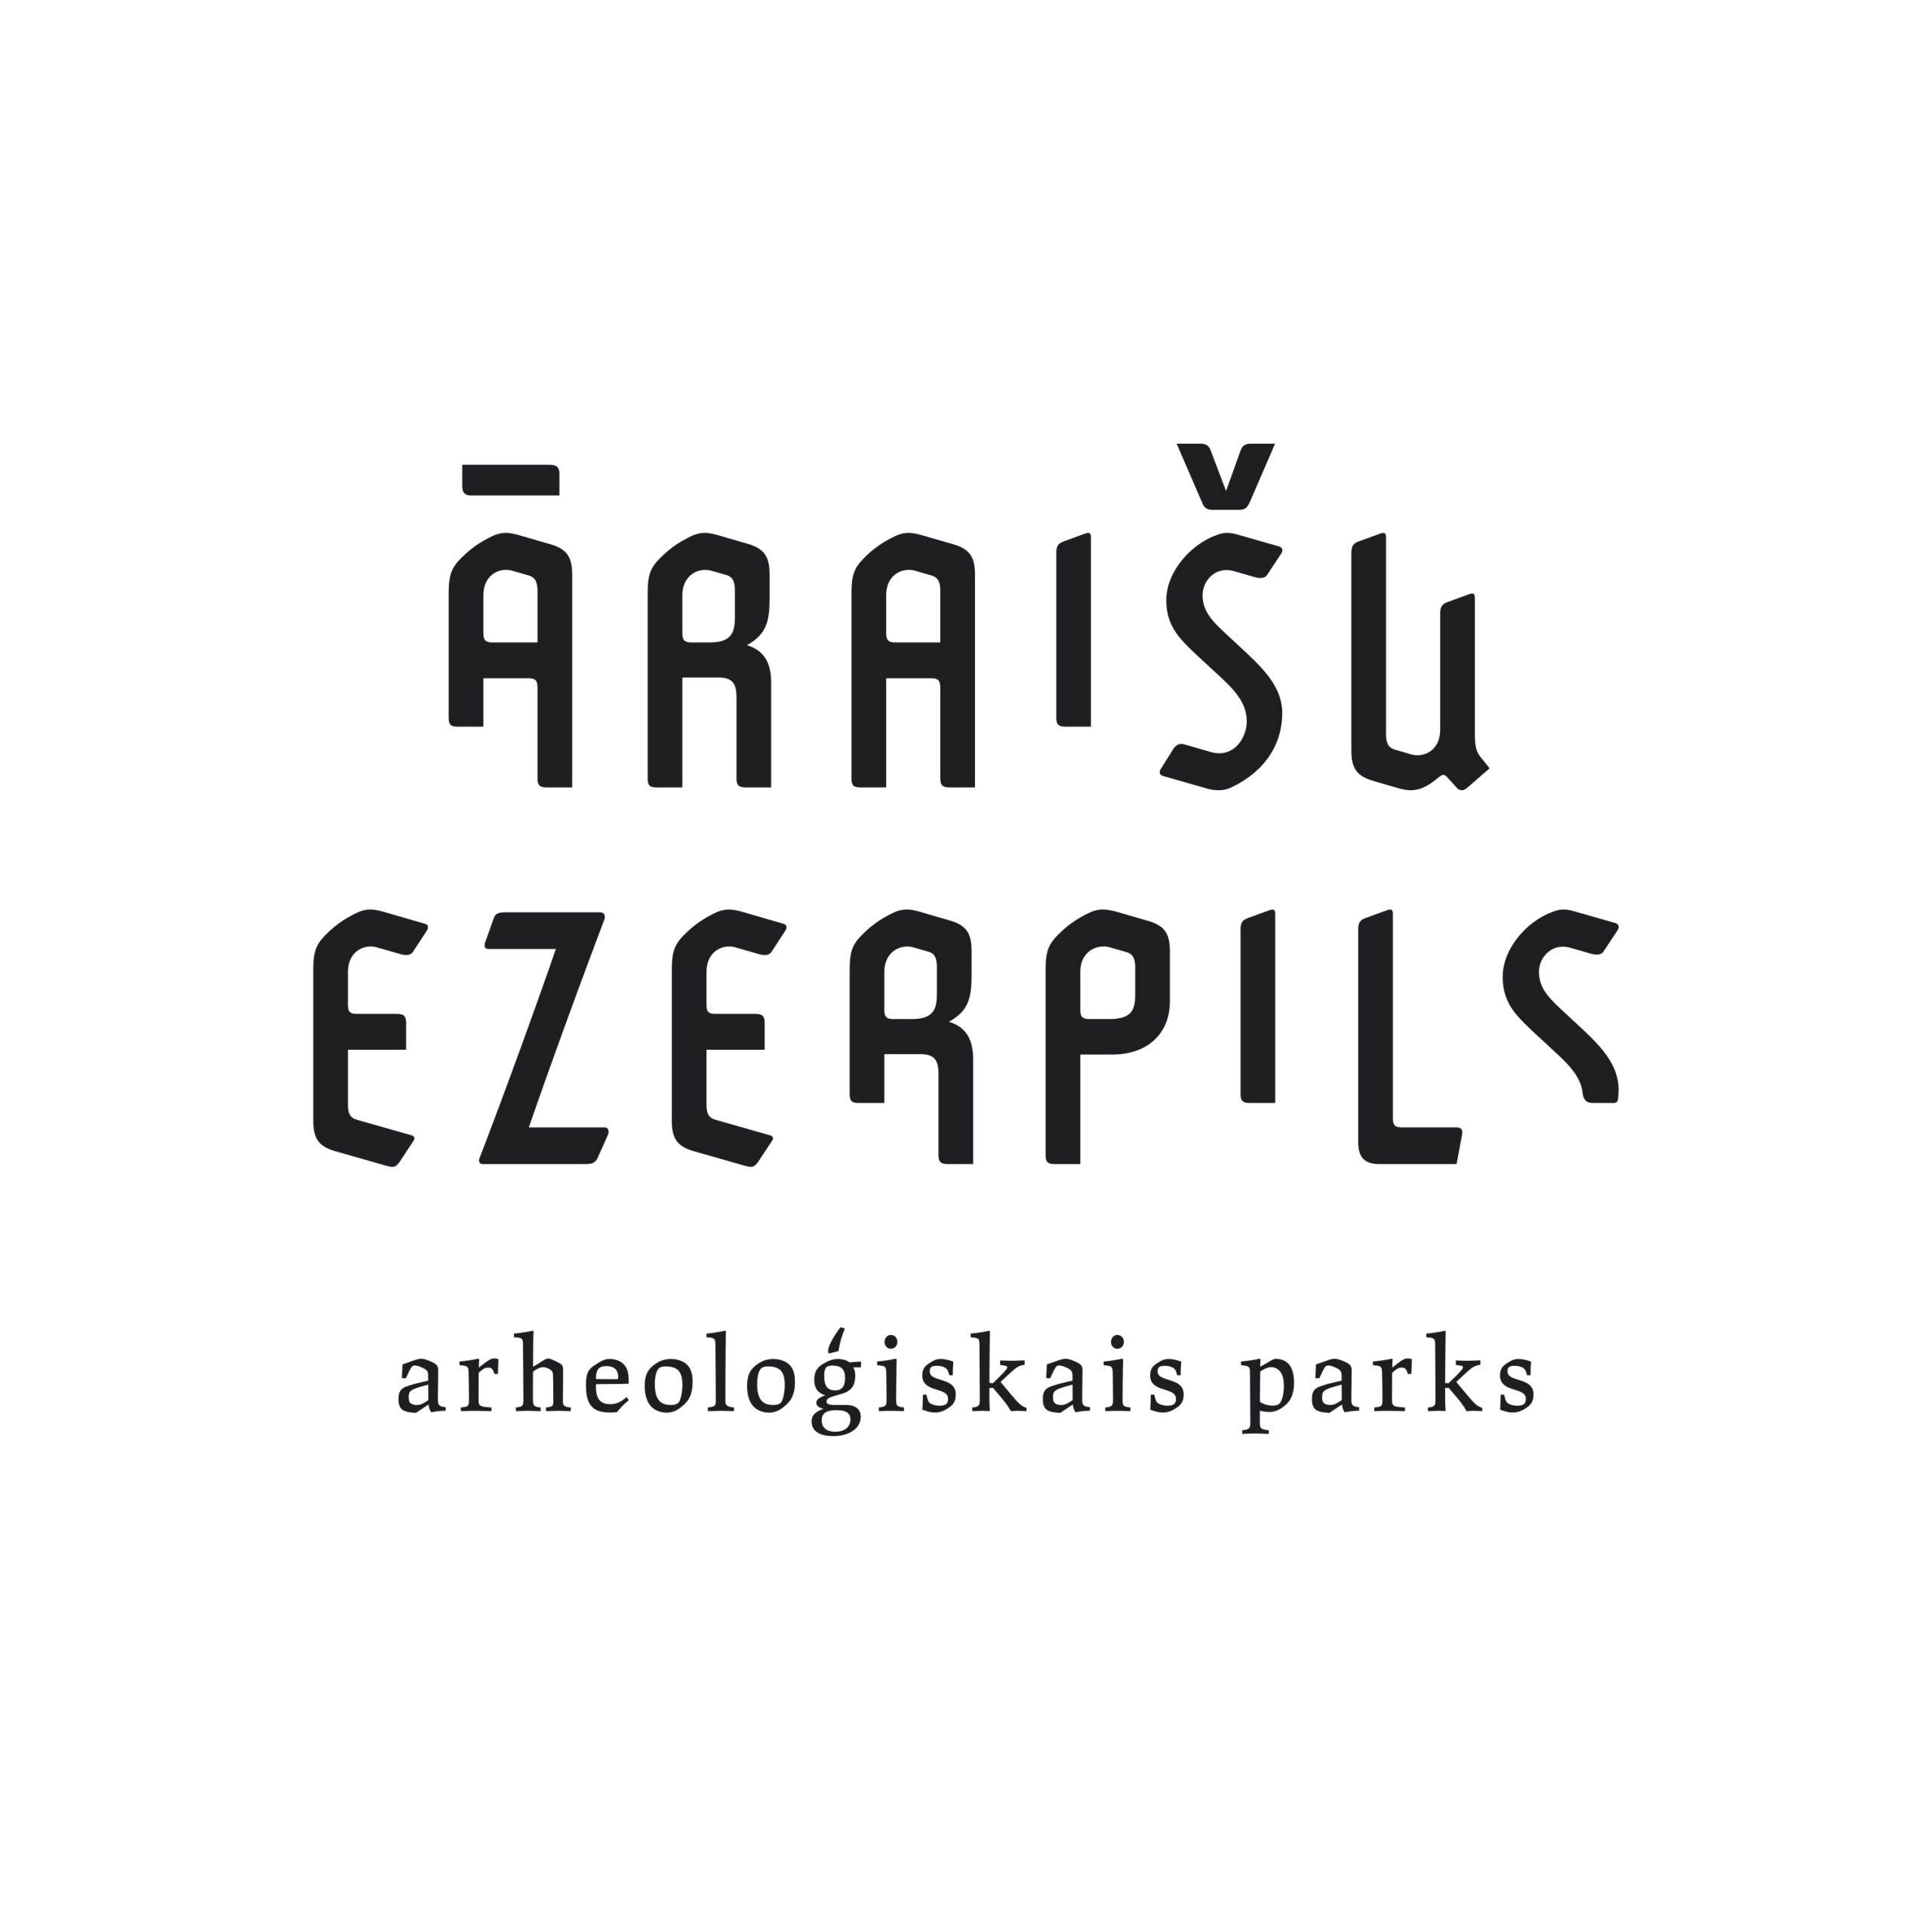 Turpinās Āraišu ezerpils rekonstrukcijas remontdarbi un Āraišu ezerpils Arheoloģiskā parka apmeklētāju centrs uz laiku ir slēgts.